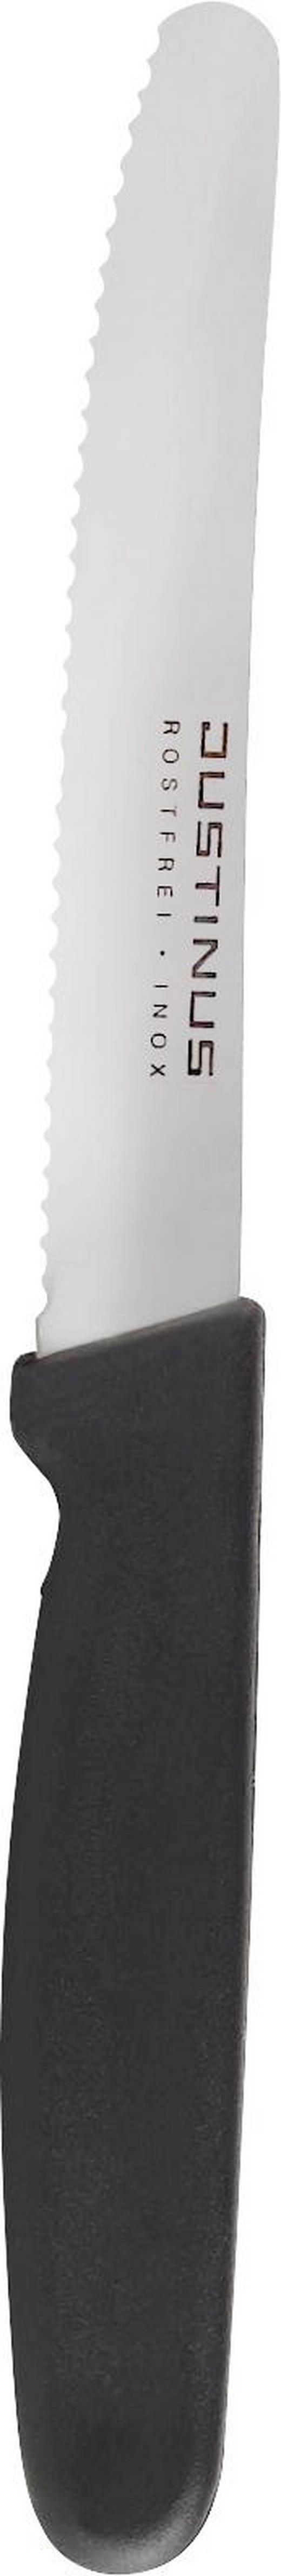 BRÖTCHENMESSER 22 cm - Silberfarben/Schwarz, KONVENTIONELL, Kunststoff/Metall (22cm) - Justinus